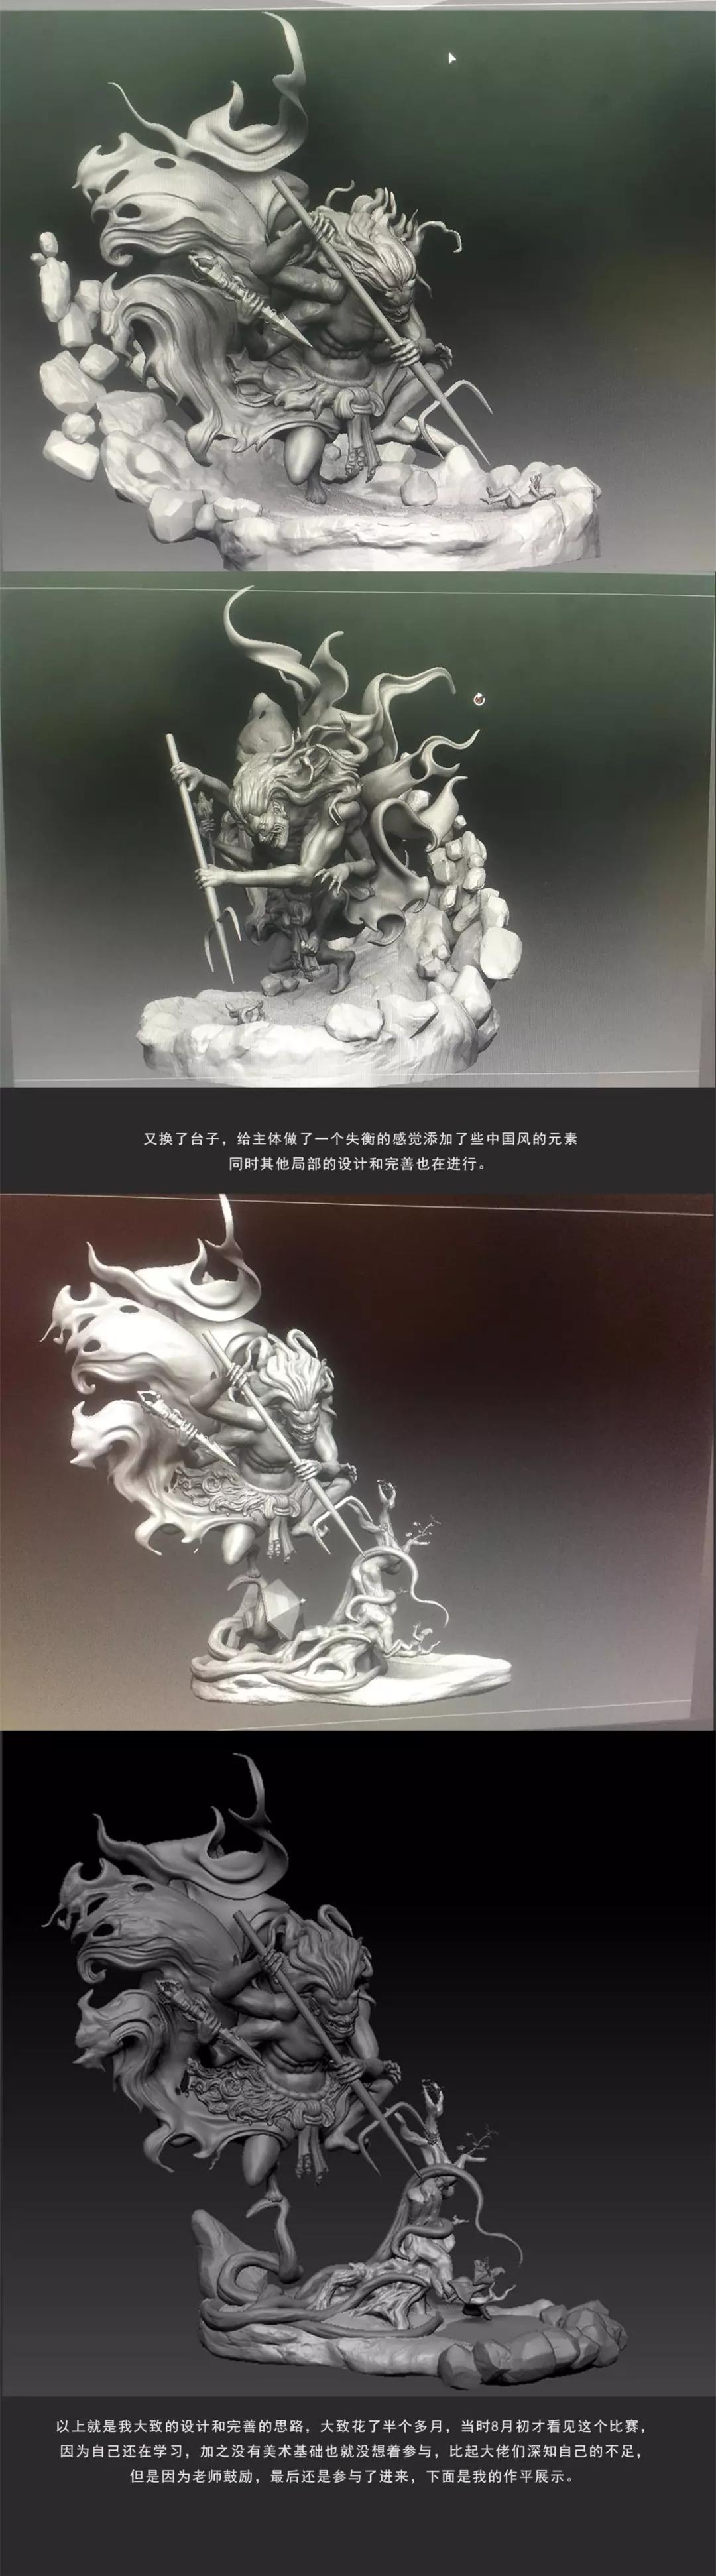 GGAC三等奖作品《耳中人》(作者:汇众教育学员 刘翔)创作过程_2.jpg